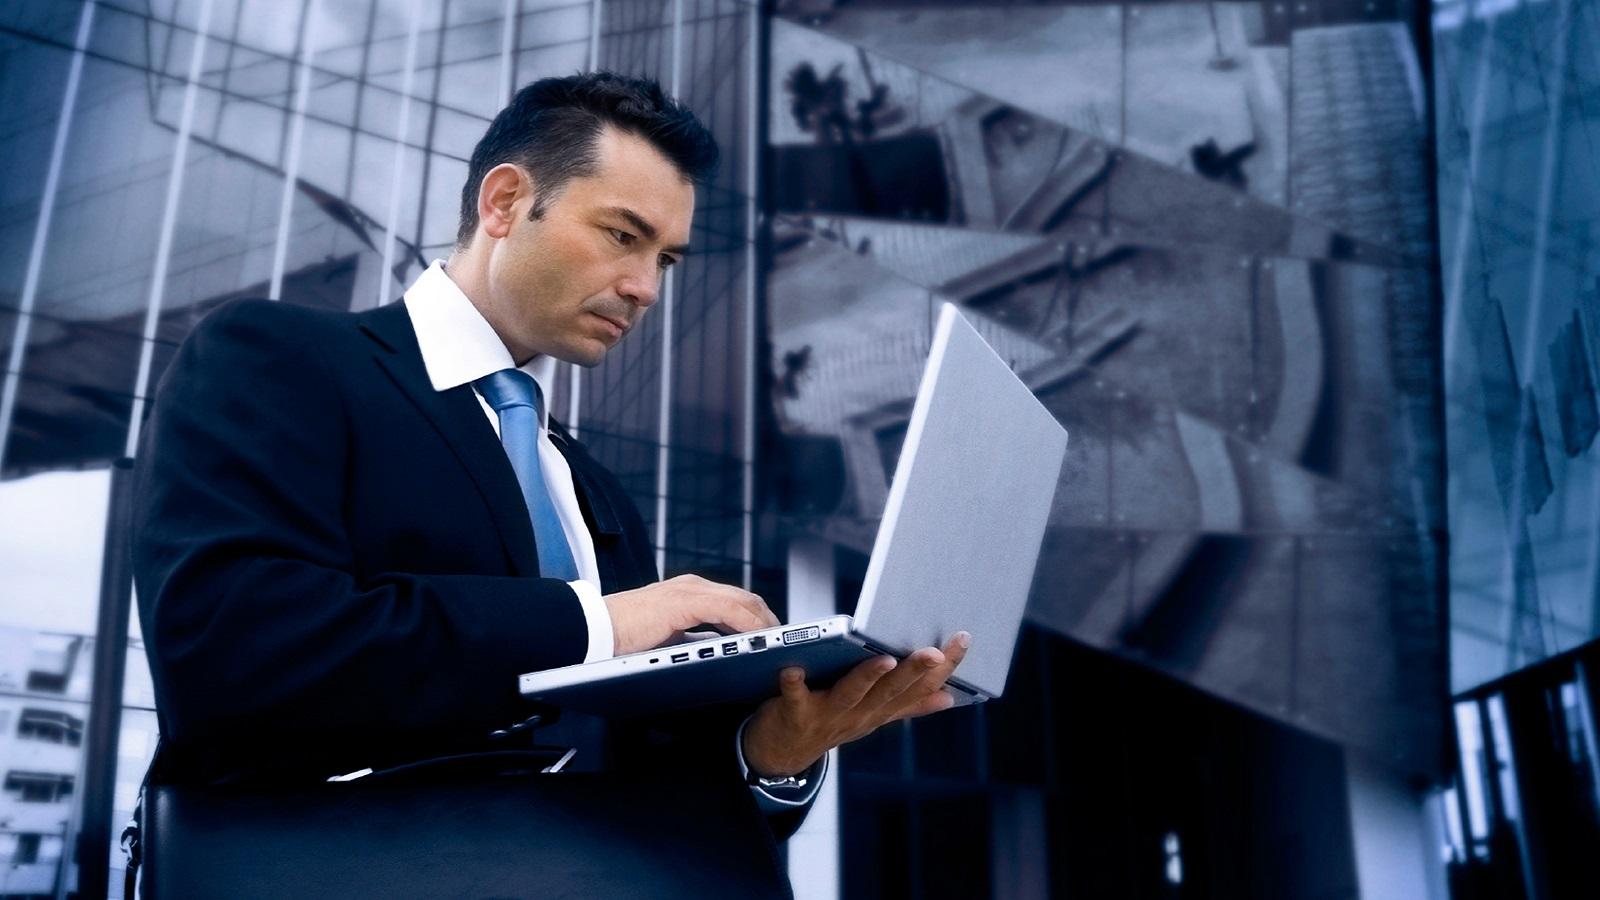 The Real Estate Hangover Procurement Bpo Accenture